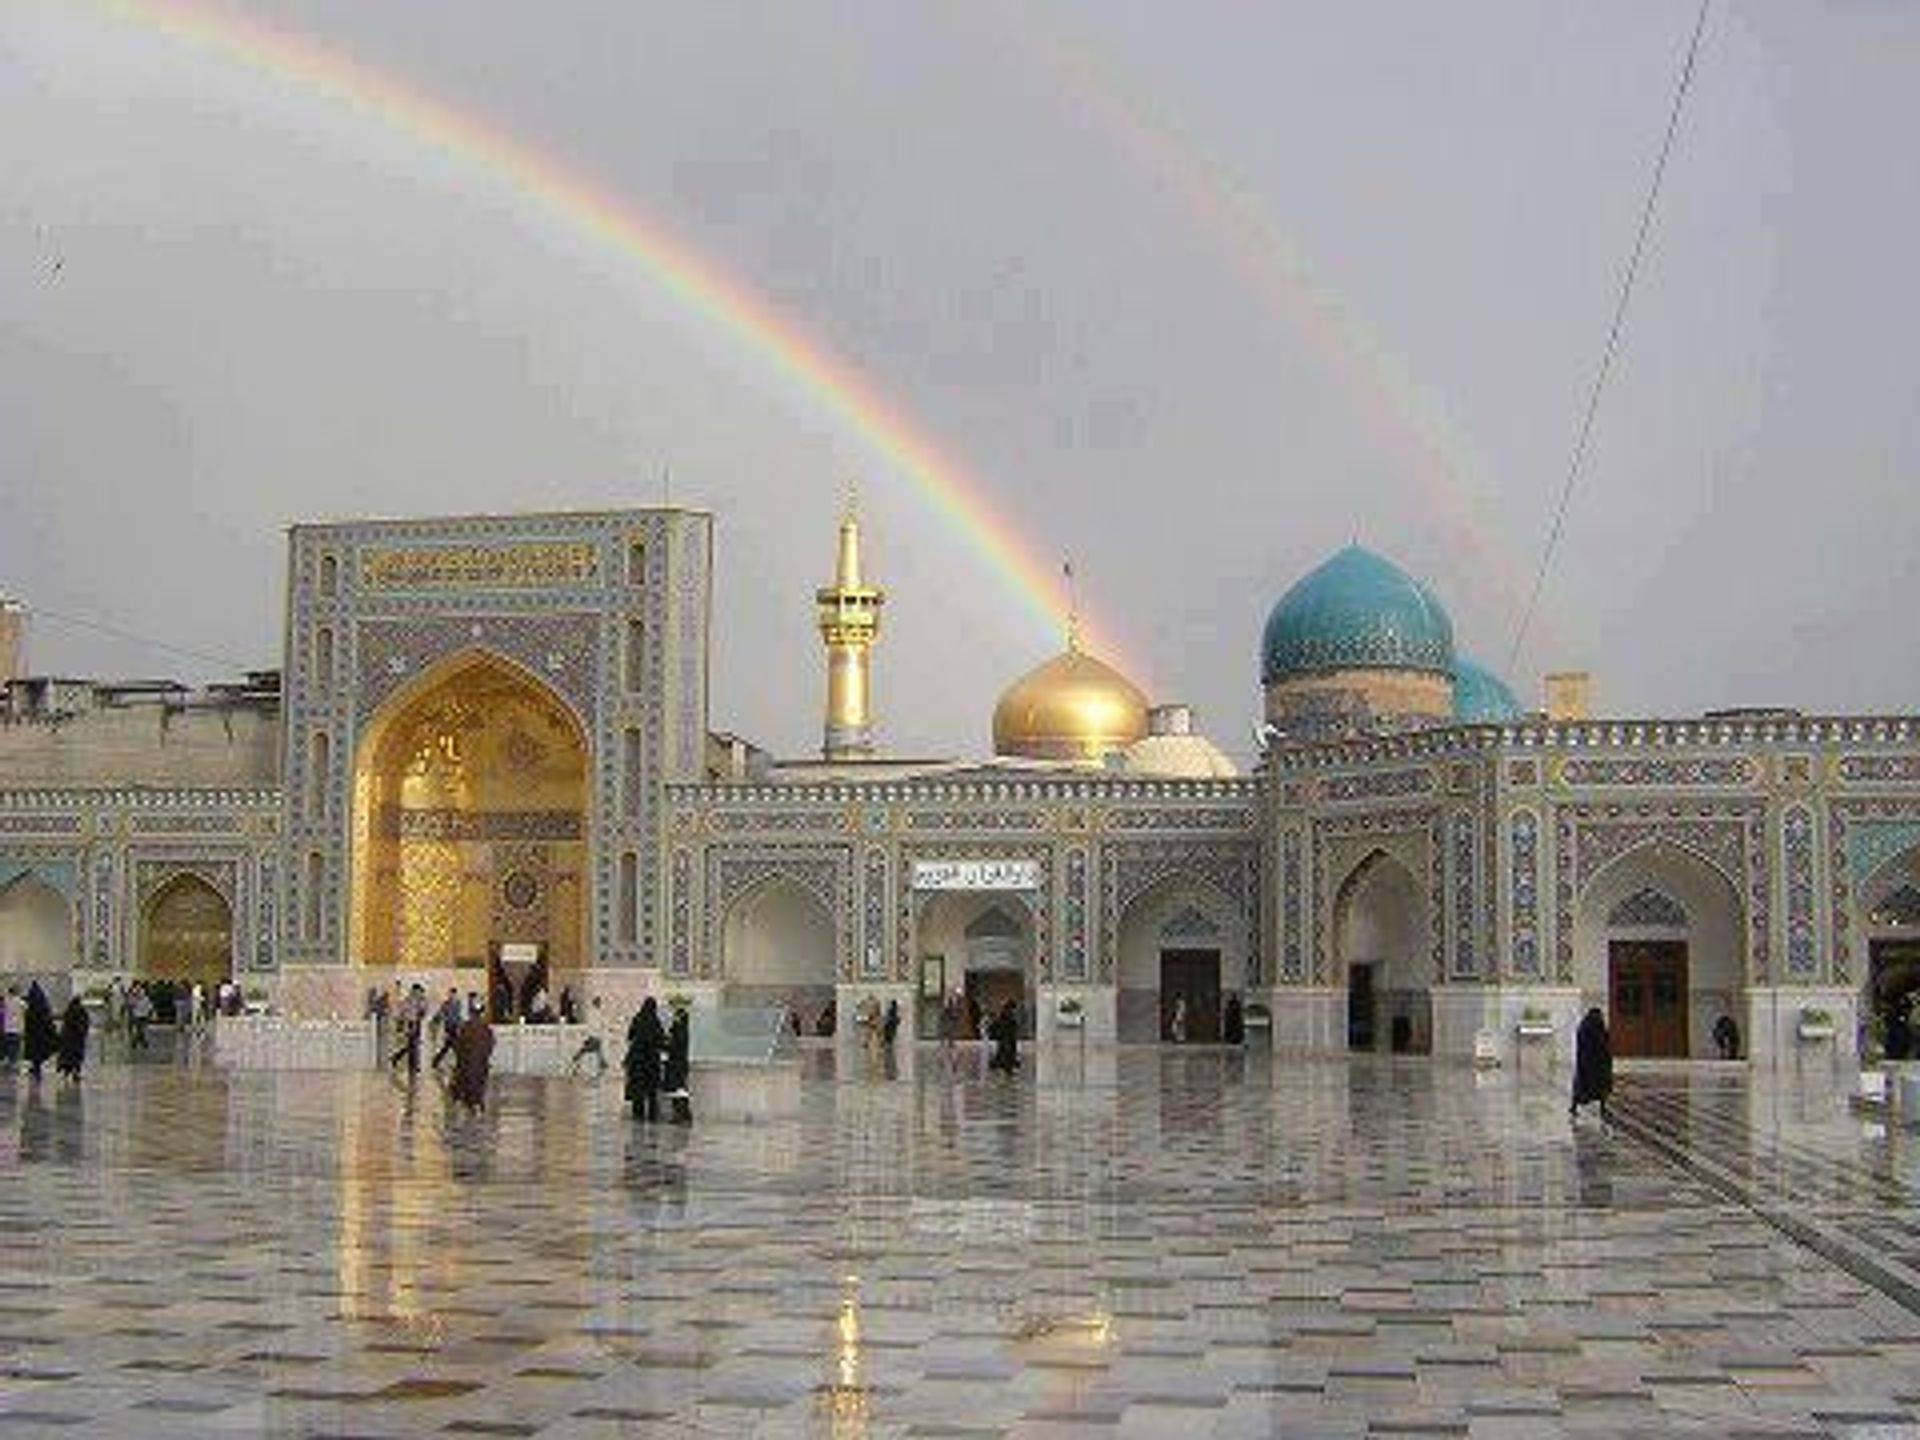 نواحی هفت گانه مشهد کجاست Dar Ya امام رضا zyarat Pinterest Islamic, Islam and Pilgrimage